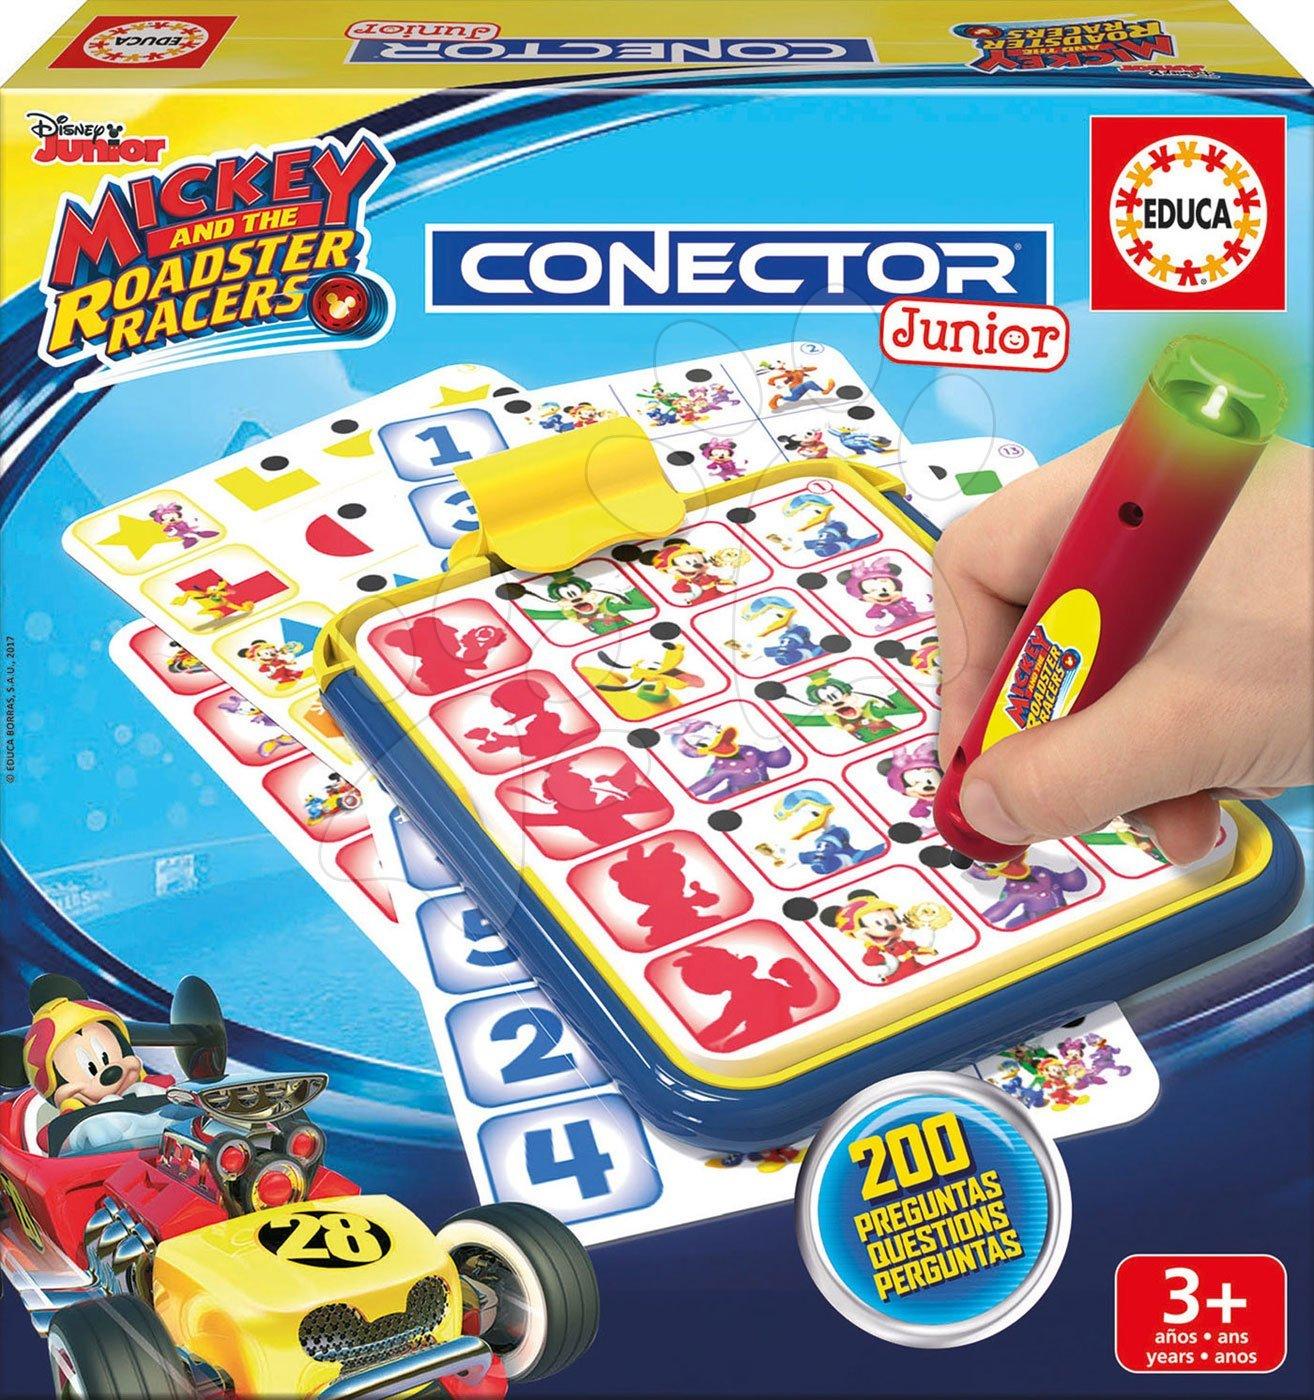 80e644c16 Spoločenská hra Mickey and the roadster racers Conector junior Educa 40  kariet a 200 otázok a